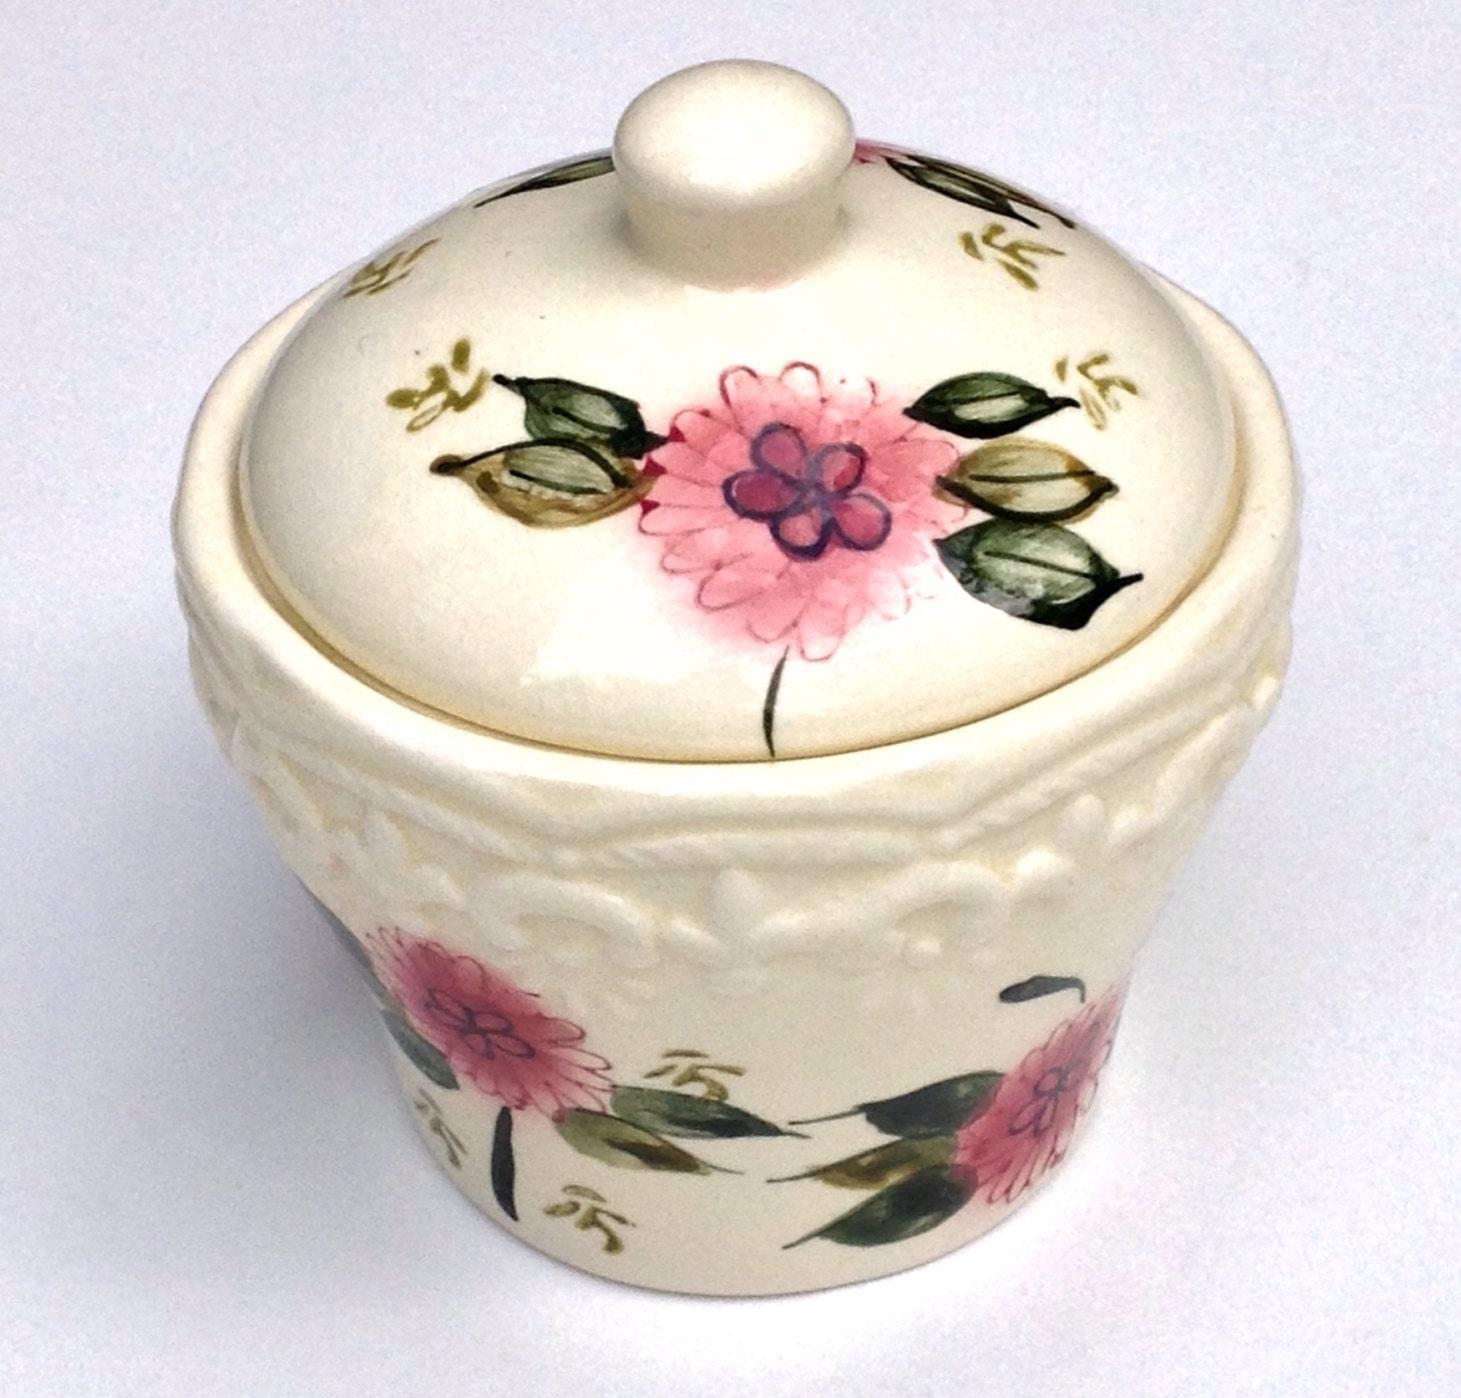 Sugar Bowl Vintage 1960's Royal Norfolk Embossed With